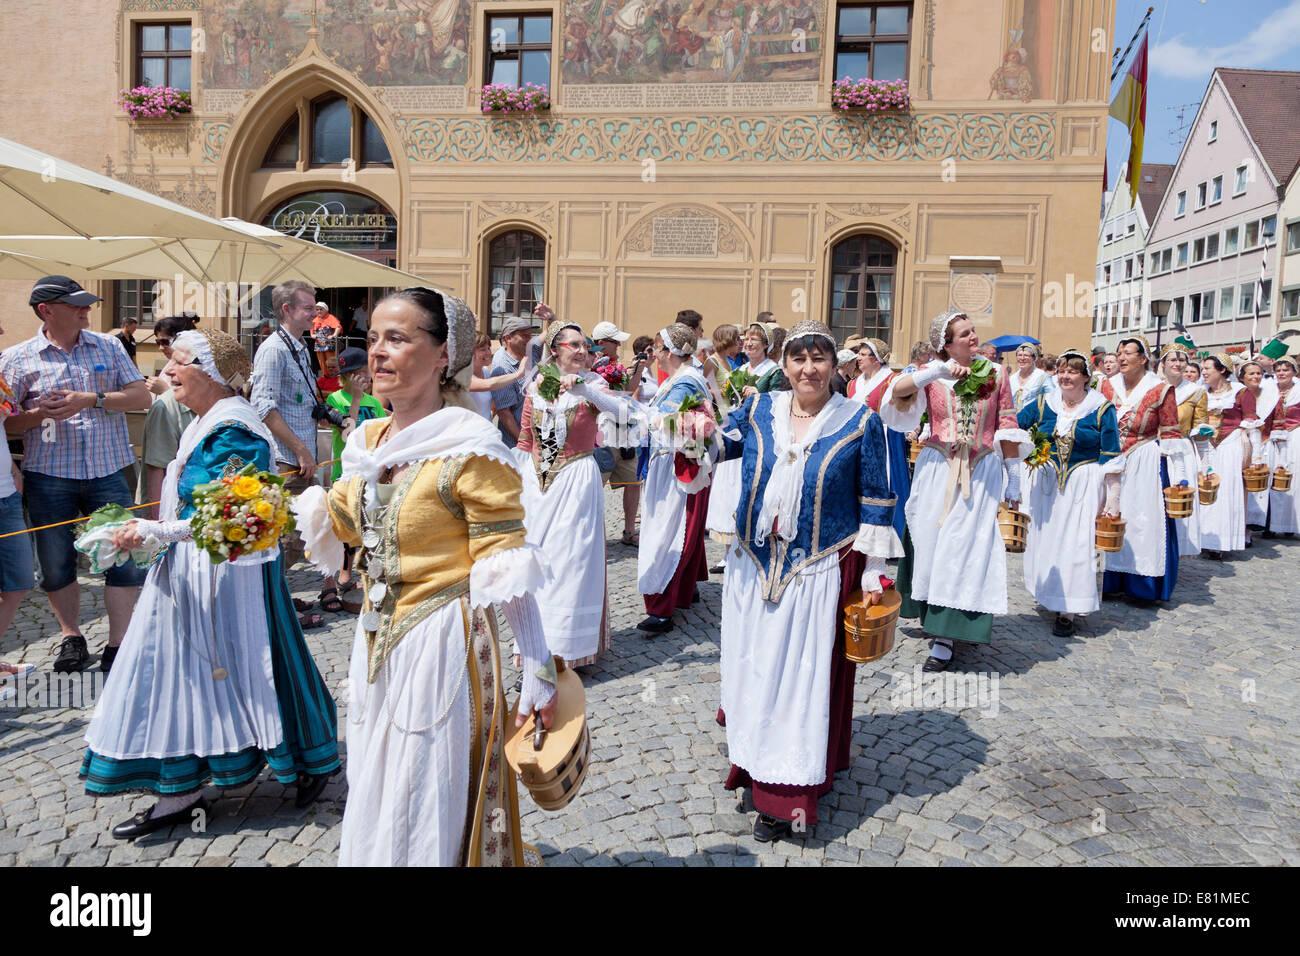 Fischerfrauen während einer Parade am Marktplatz vor dem Rathaus, Fischerstechen quadratisch oder Wasser Turnier Stockbild